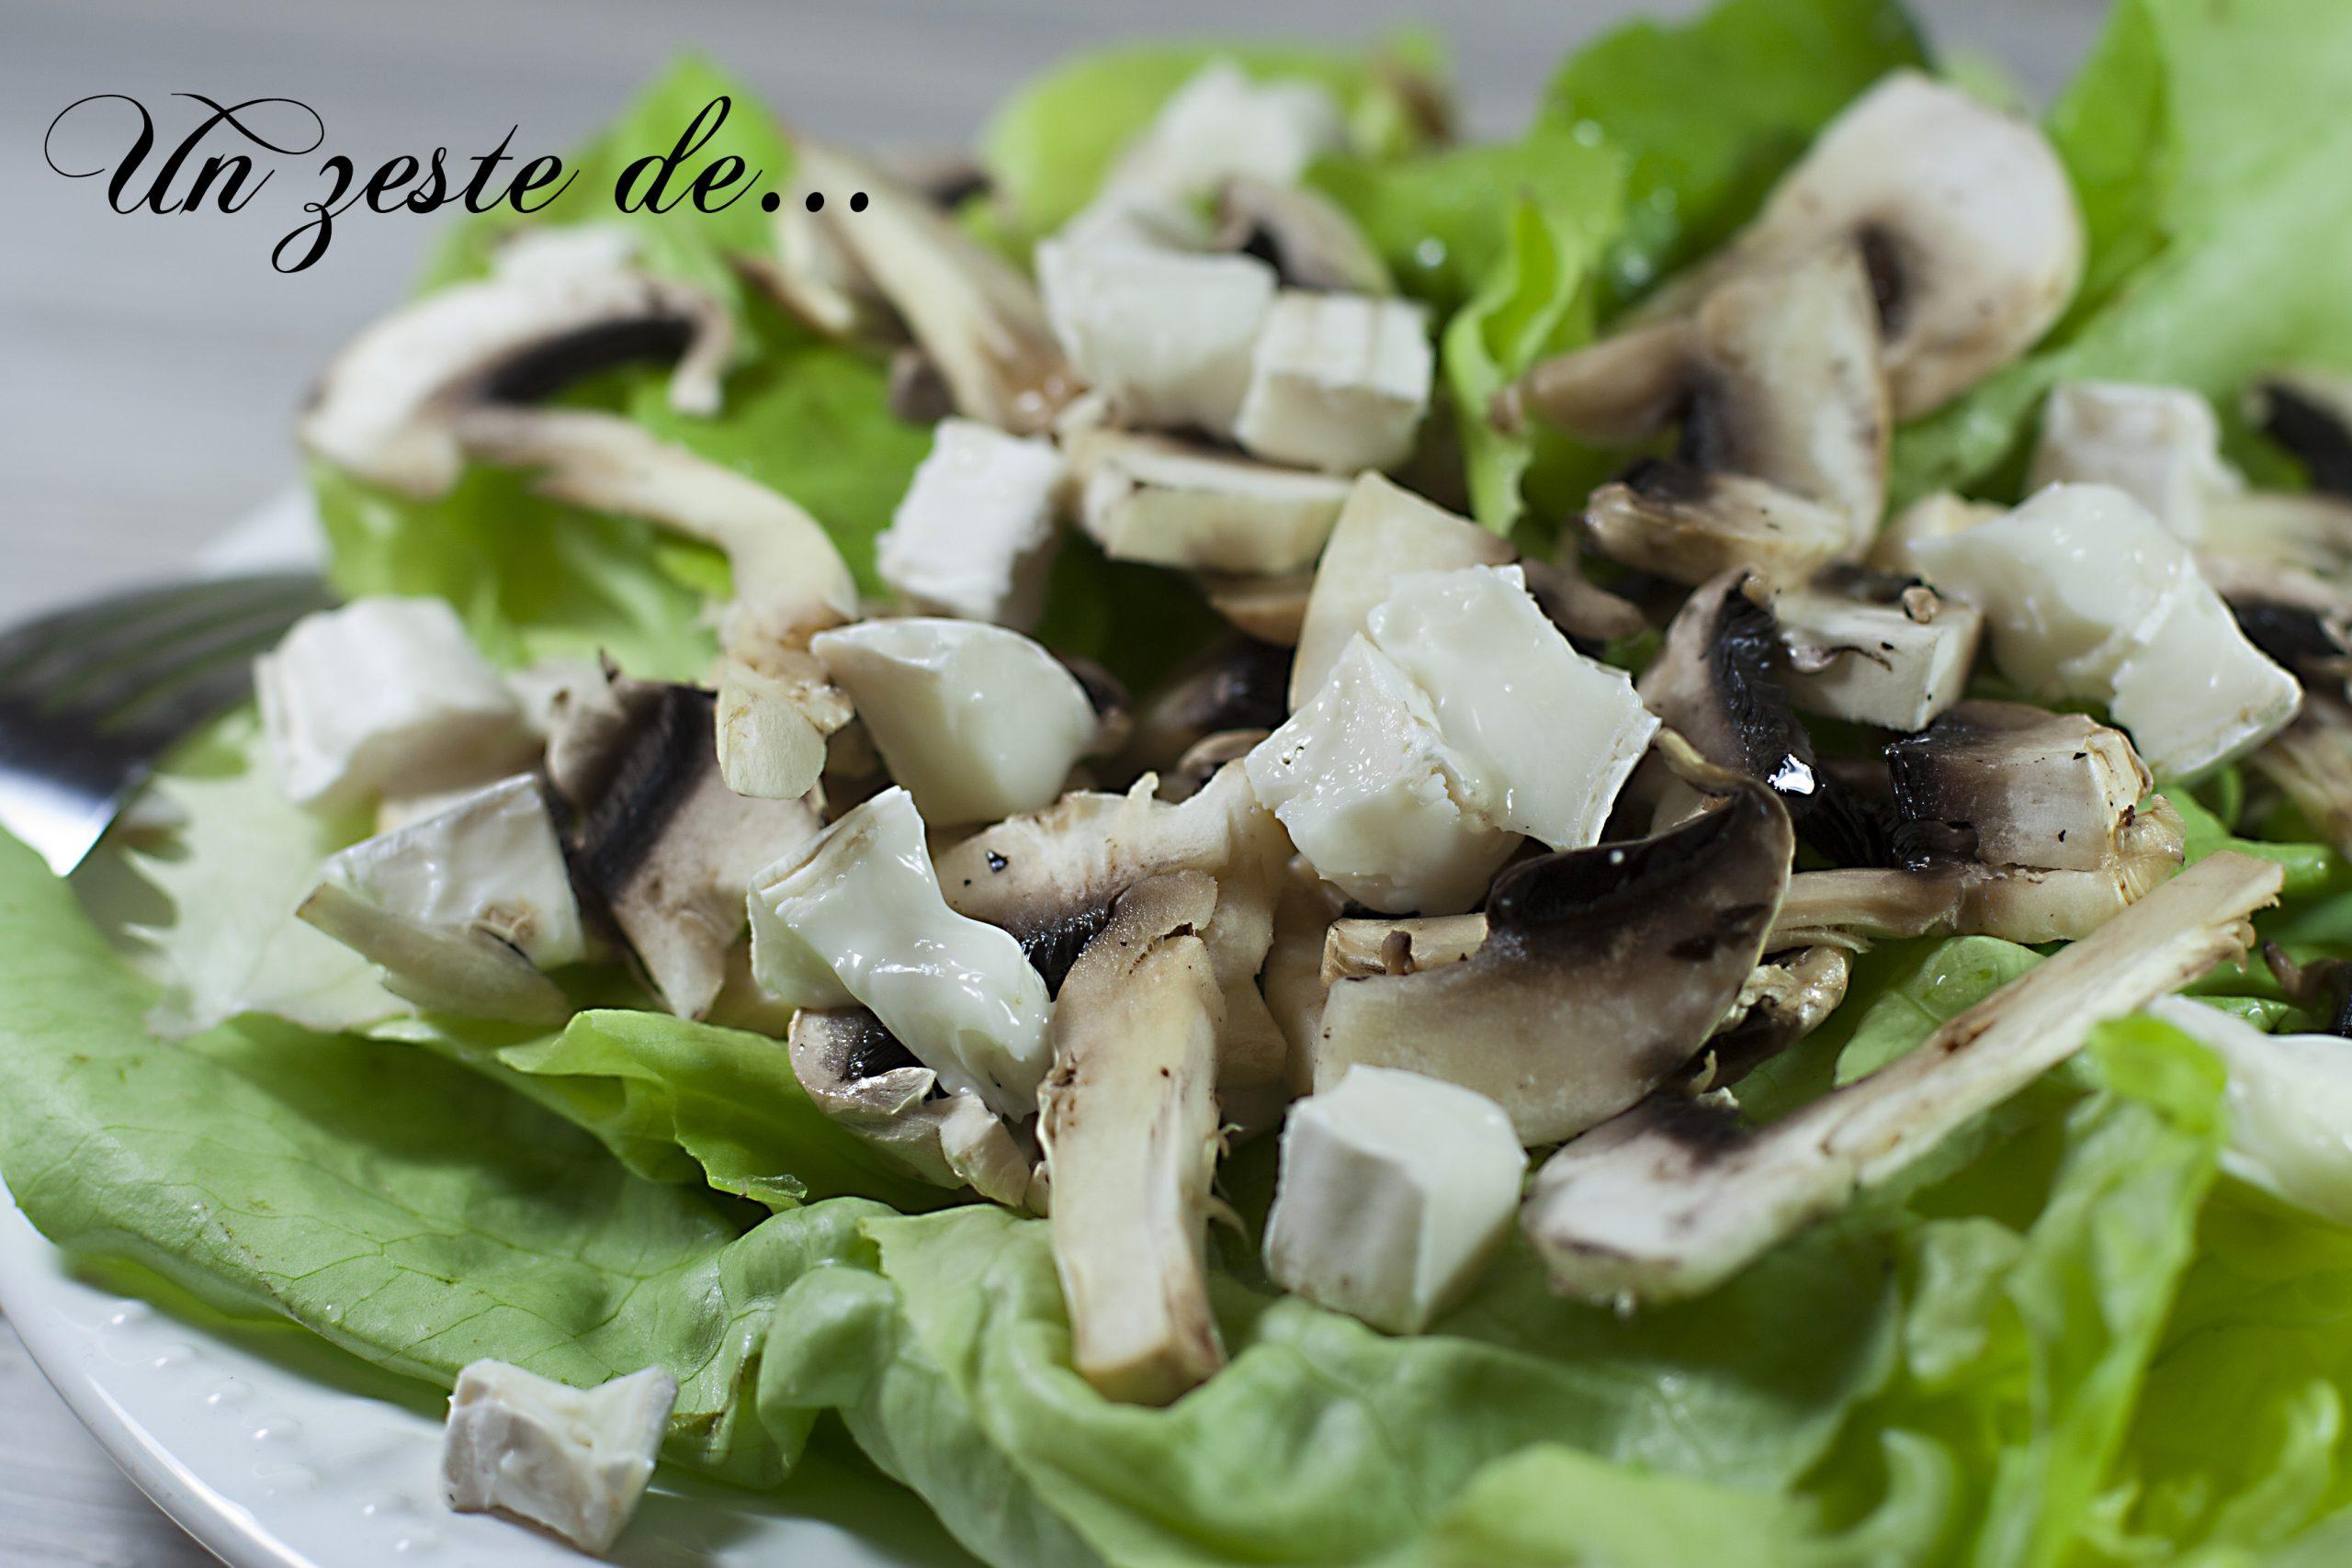 Salade de champignons au chèvre frais